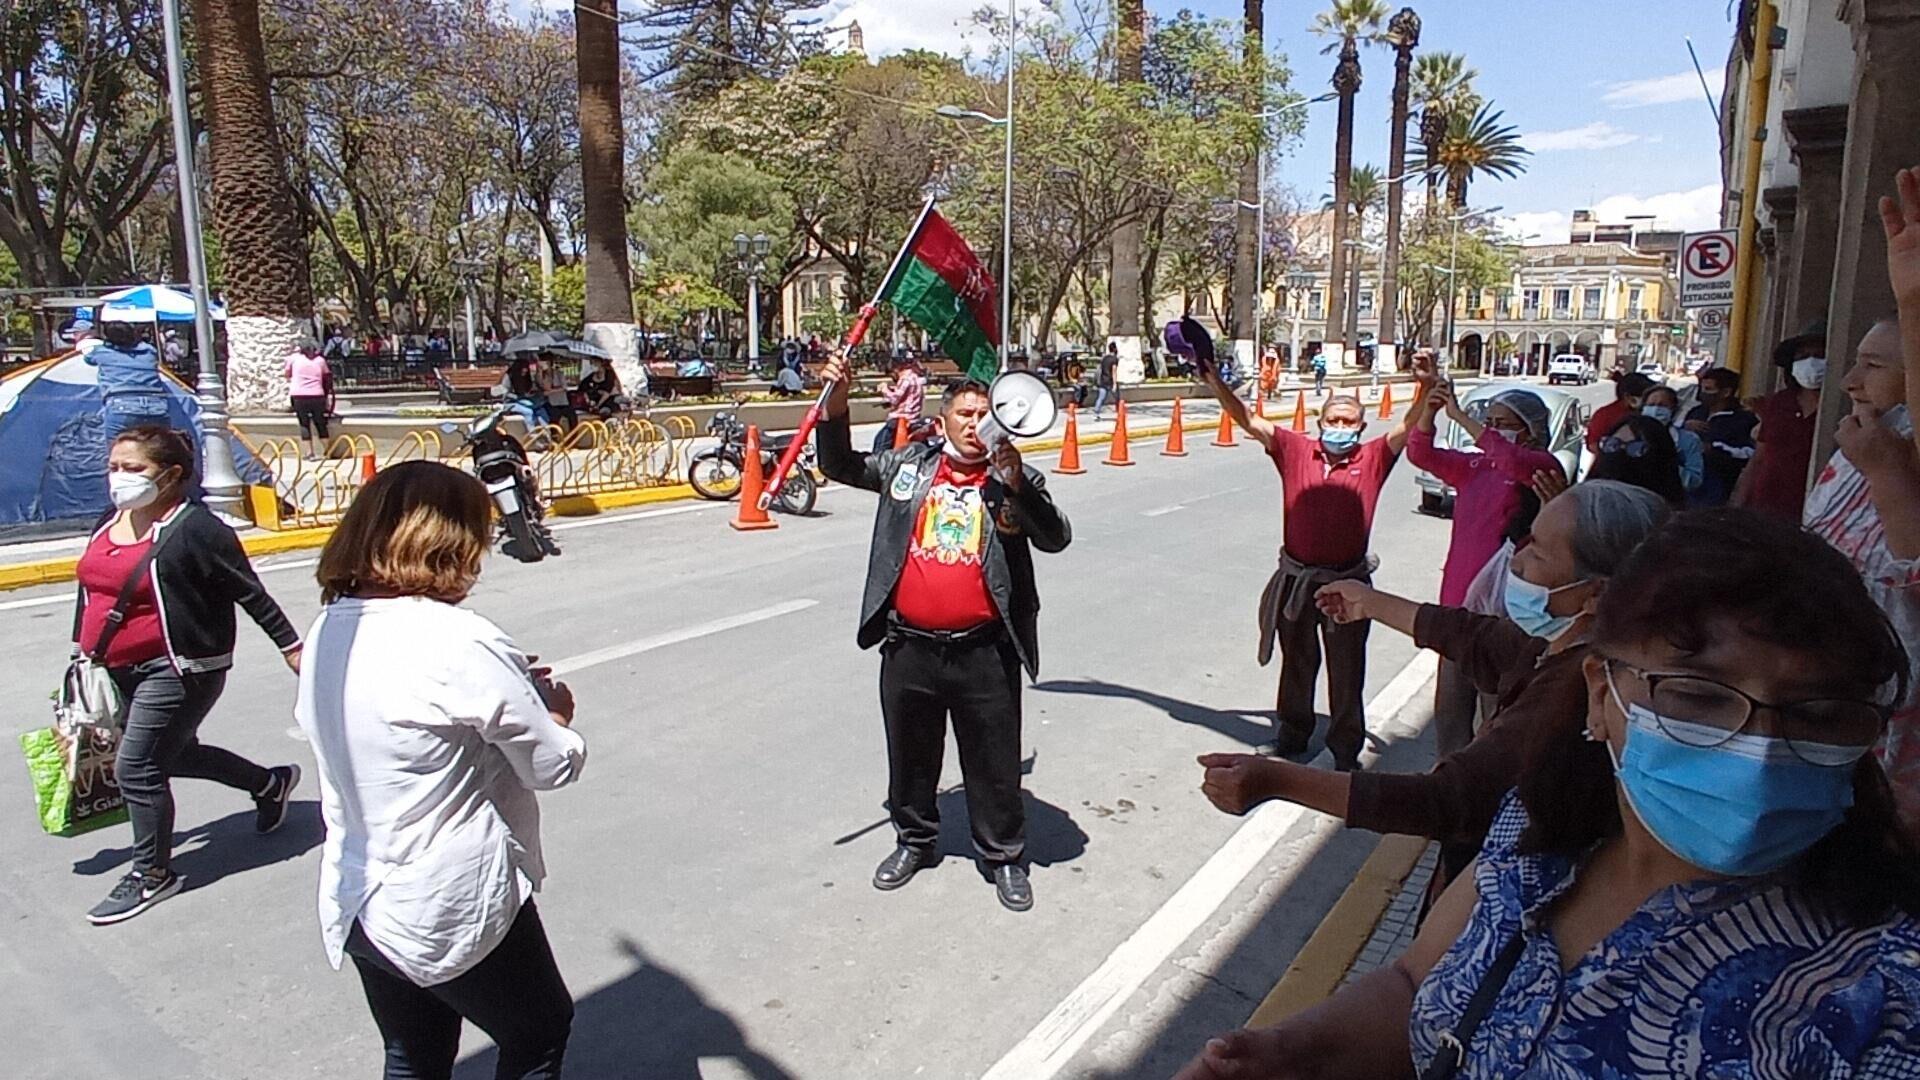 Vigilia frente a la Alcaldía de Cochabamba en defensa de la gestión del alcalde, Manfred Reyes Villa - Sputnik Mundo, 1920, 21.09.2021